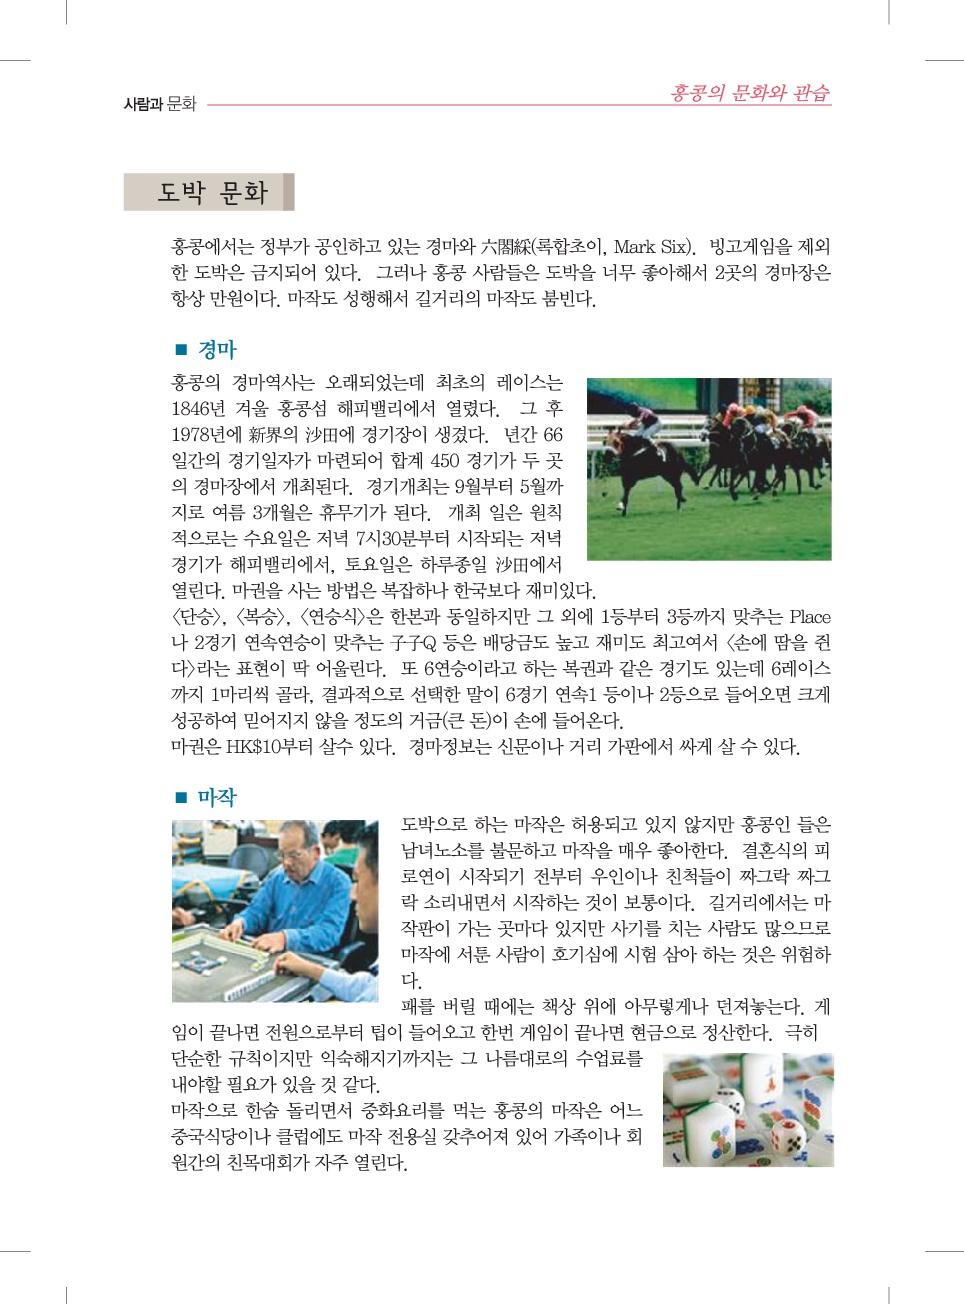 09_홍콩문화2-min.jpg